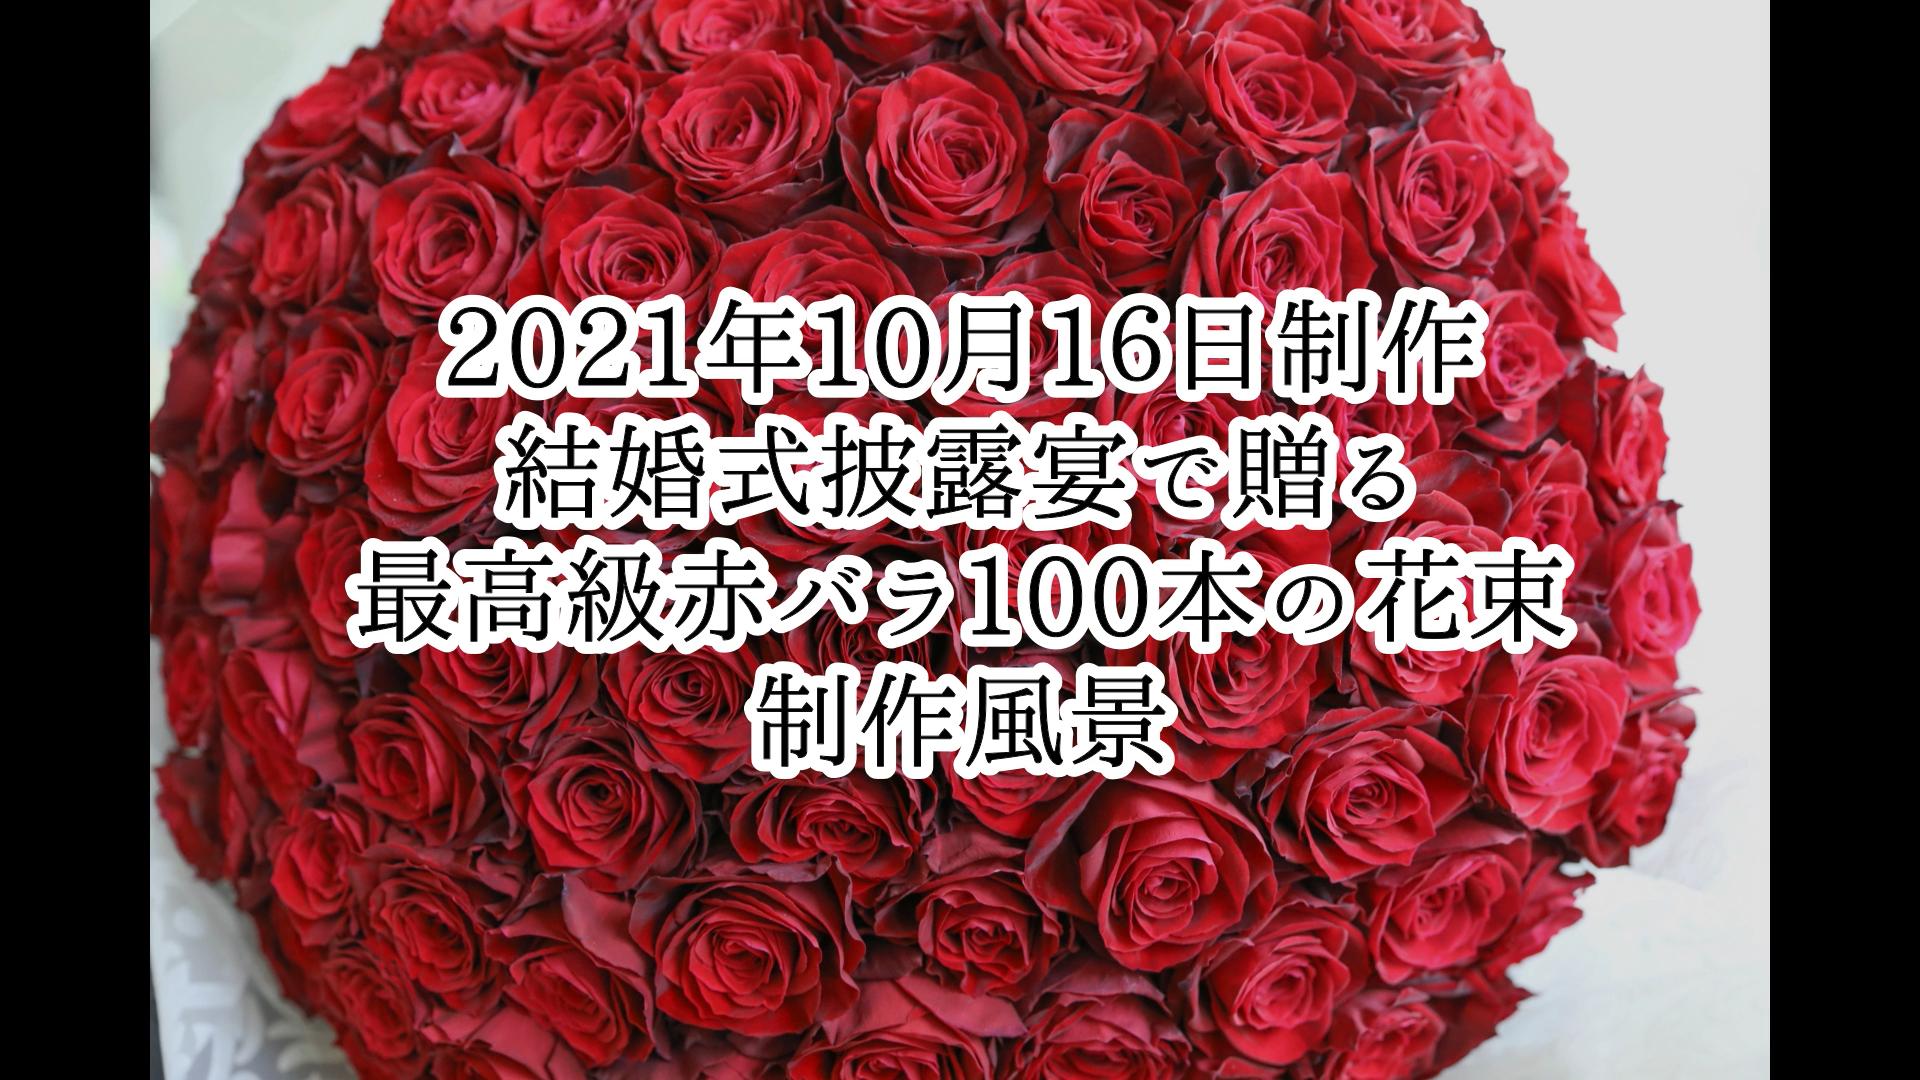 🌹結婚披露宴で贈る🌹 最高級赤バラ100本の花束制作動画 2021/10/16撮影